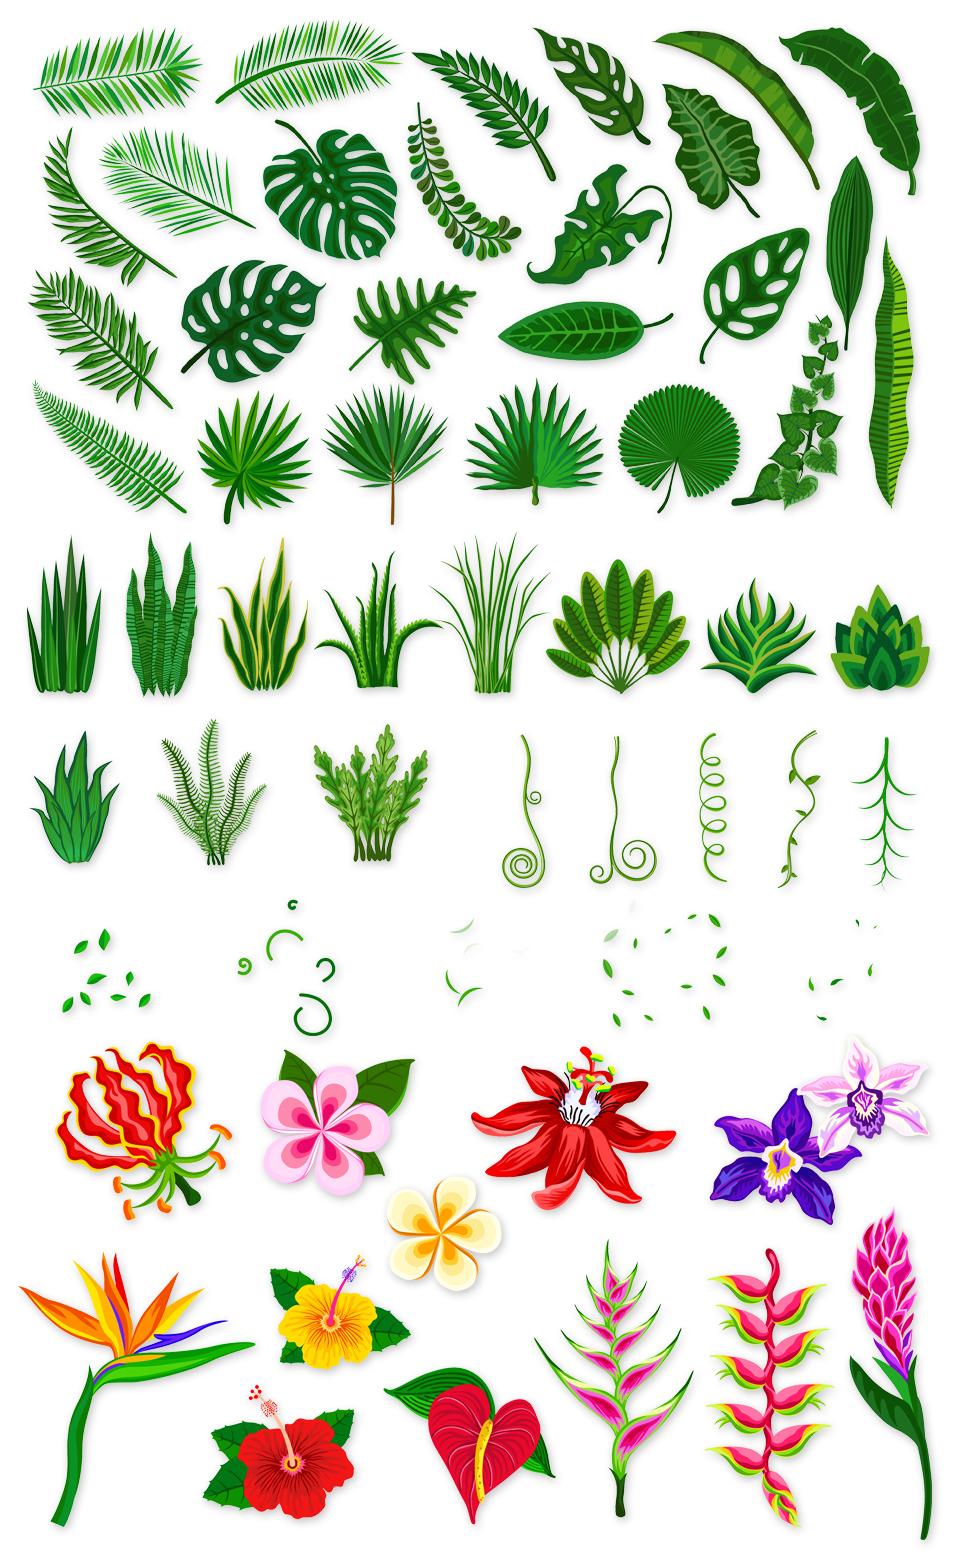 Floral Design Pack - 2